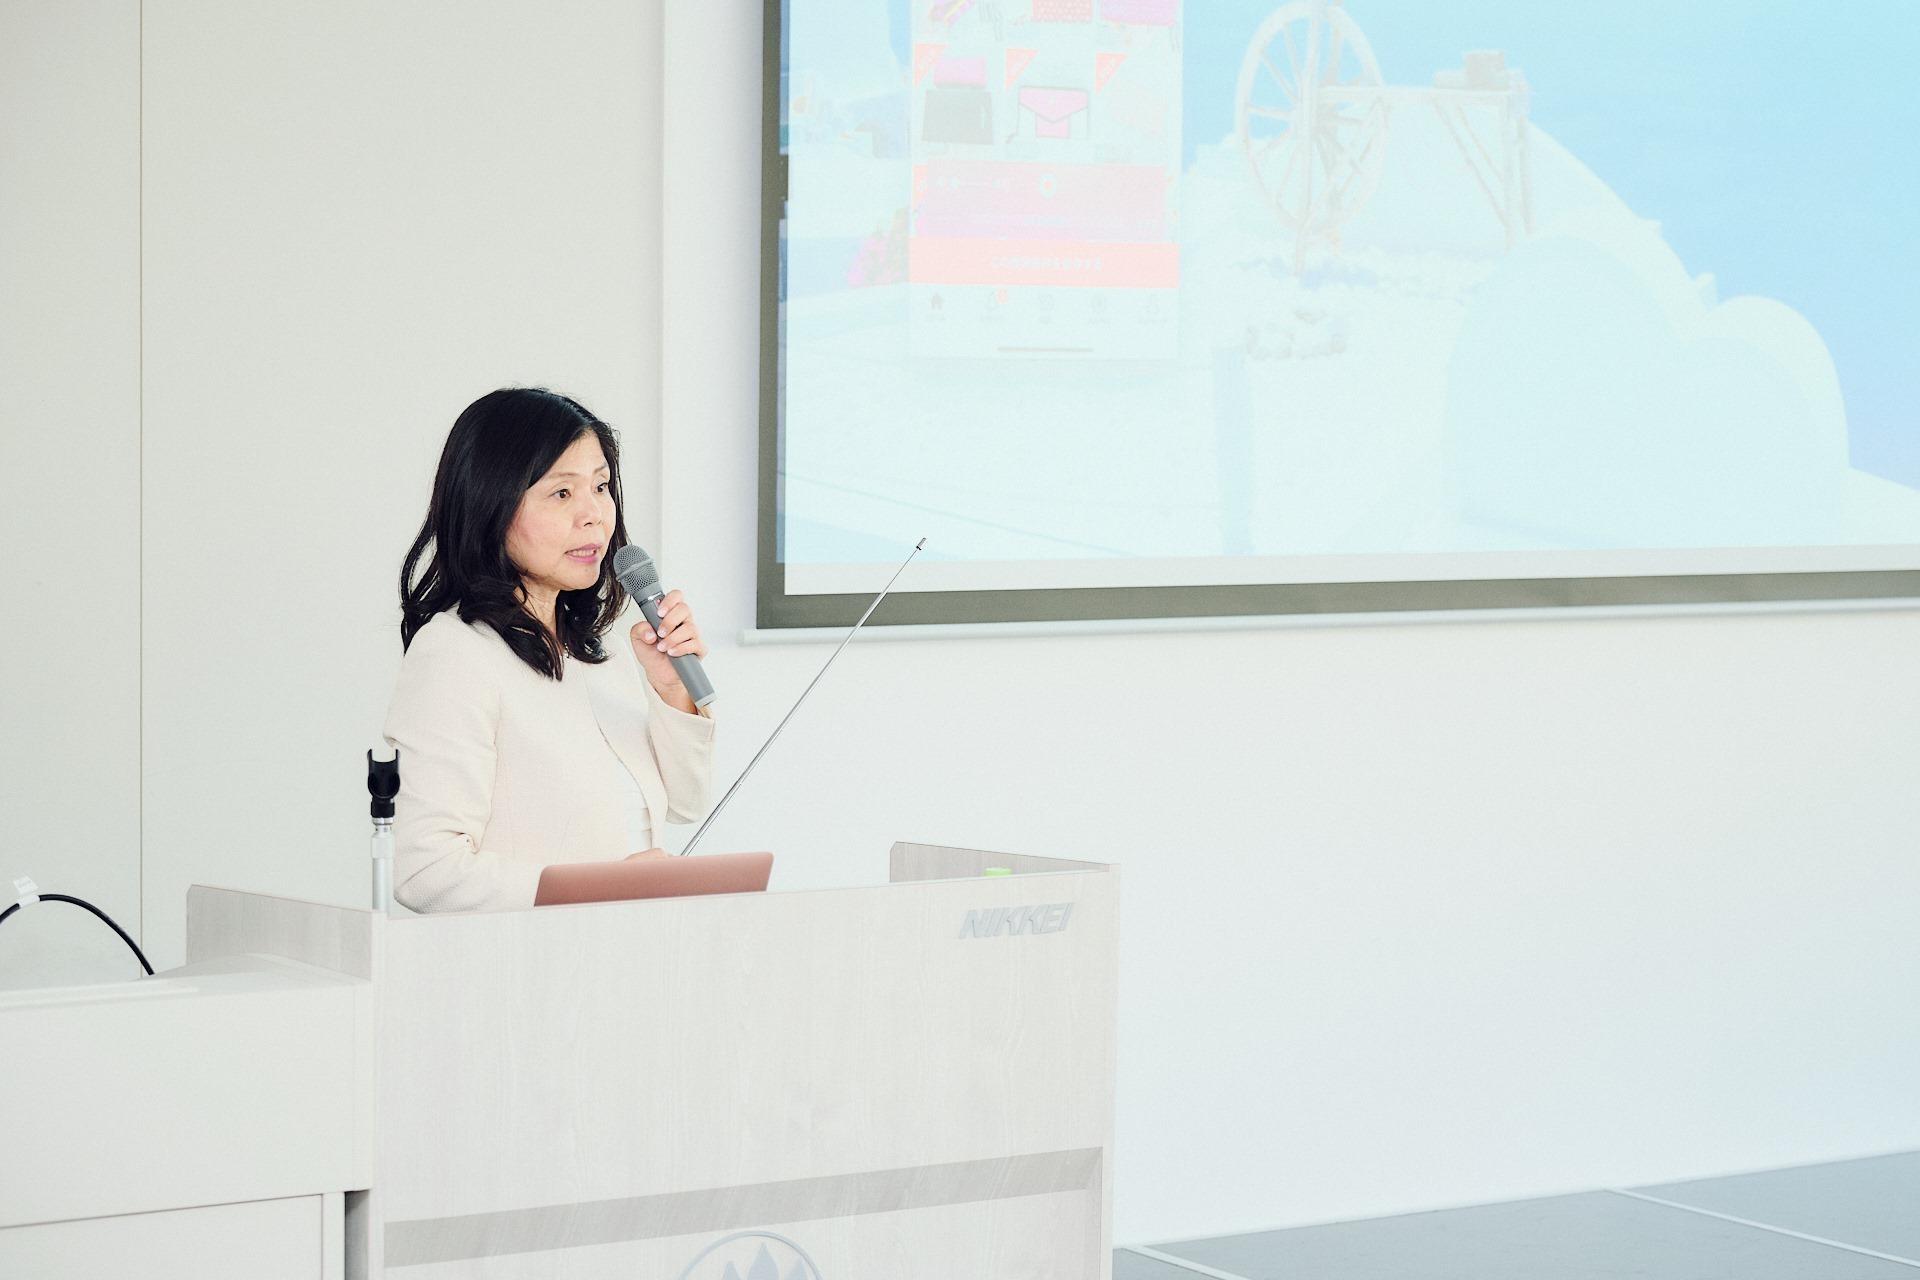 日経新聞社様主催メルカリセミナー登壇